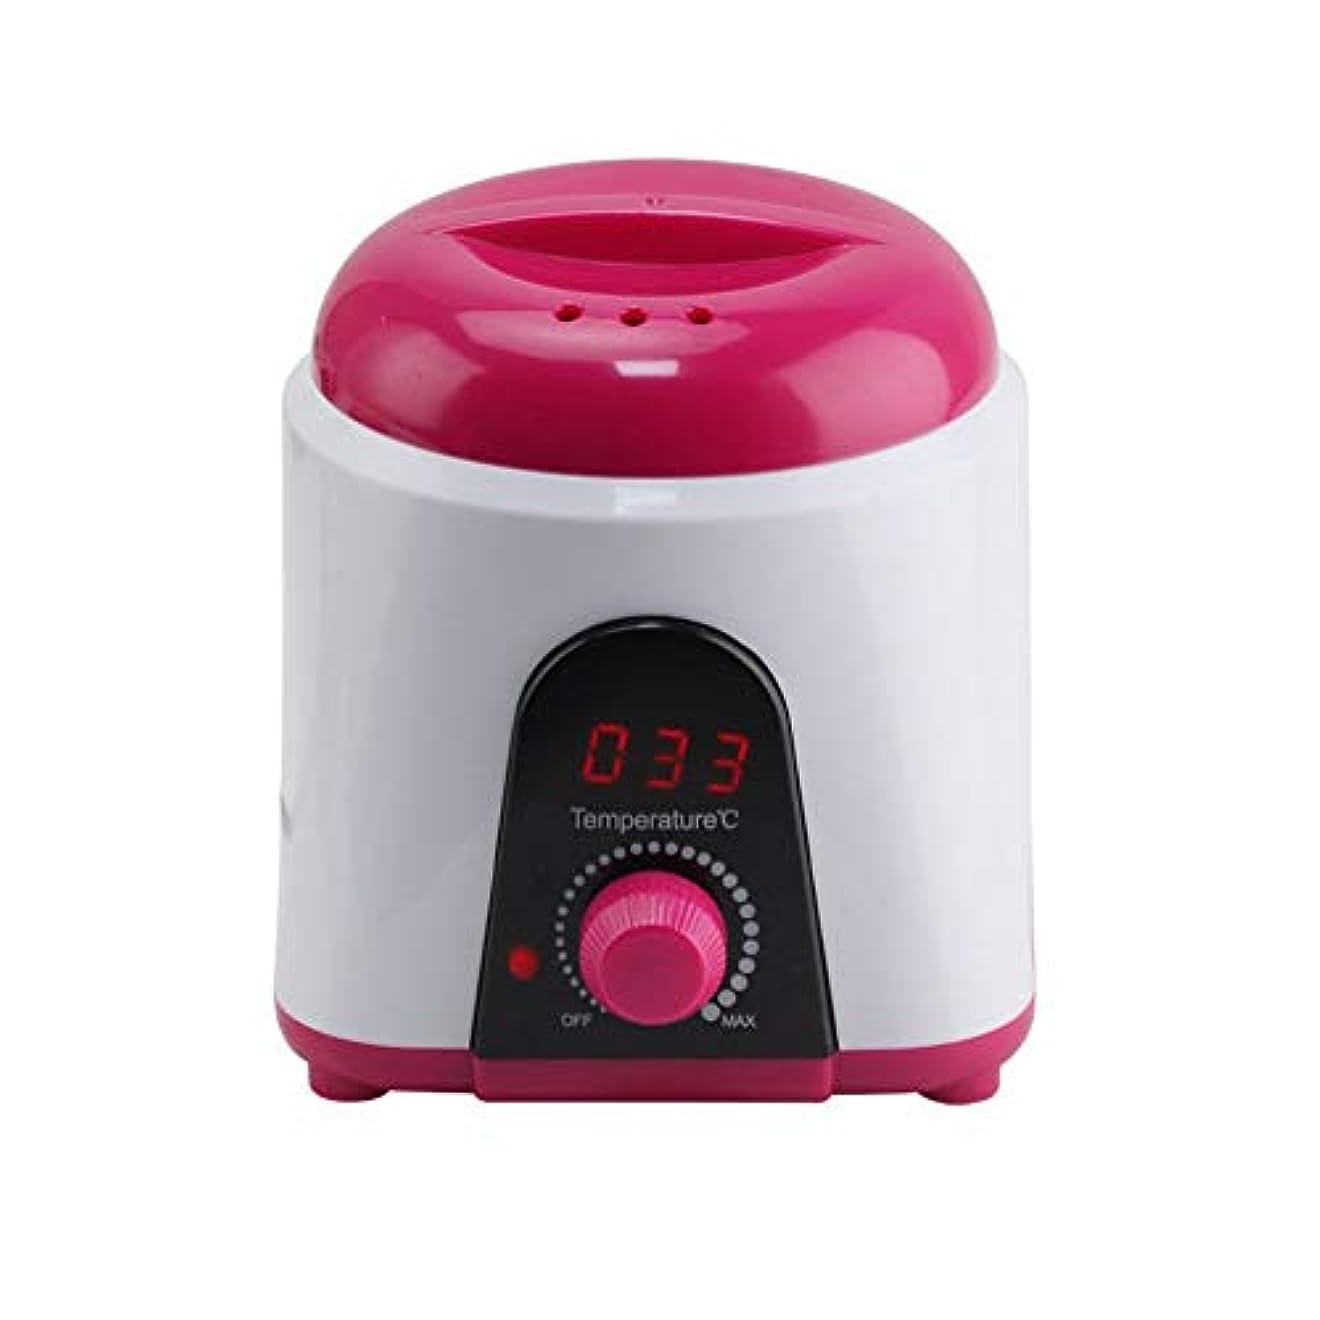 スチュアート島ウェイトレスめんどり調節可能な温度のワックスマシン、女性および男性500CCのための多機能の家のワックスが付いている毛の取り外しのための専門の電気ワックスのウォーマーのヒーターのメルター